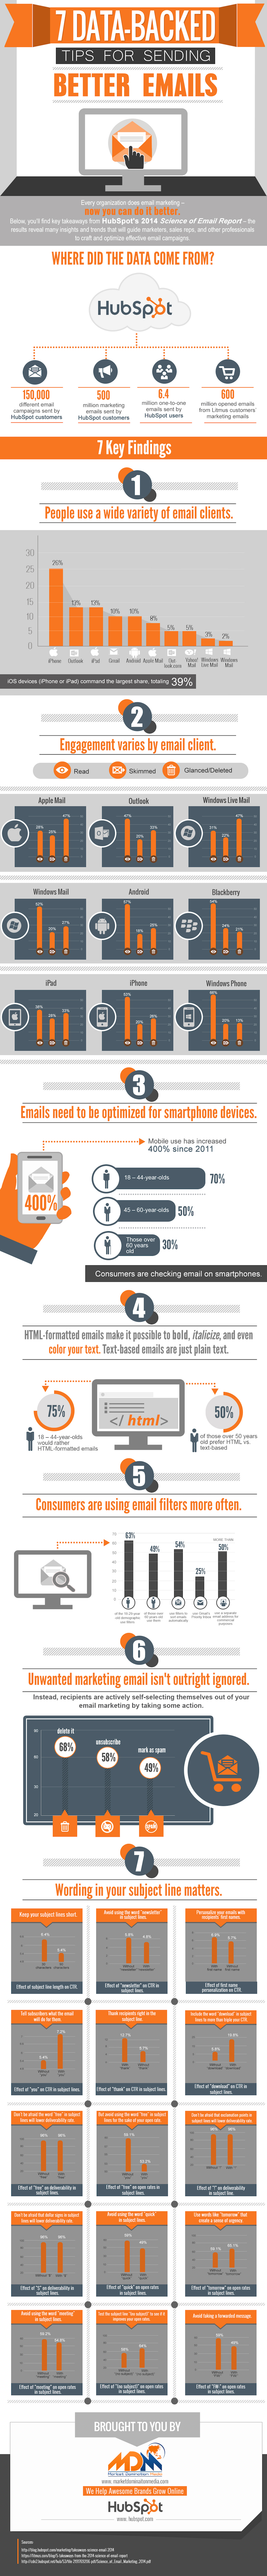 7 Data-Baked Tips for Sending Better Emails #infographic